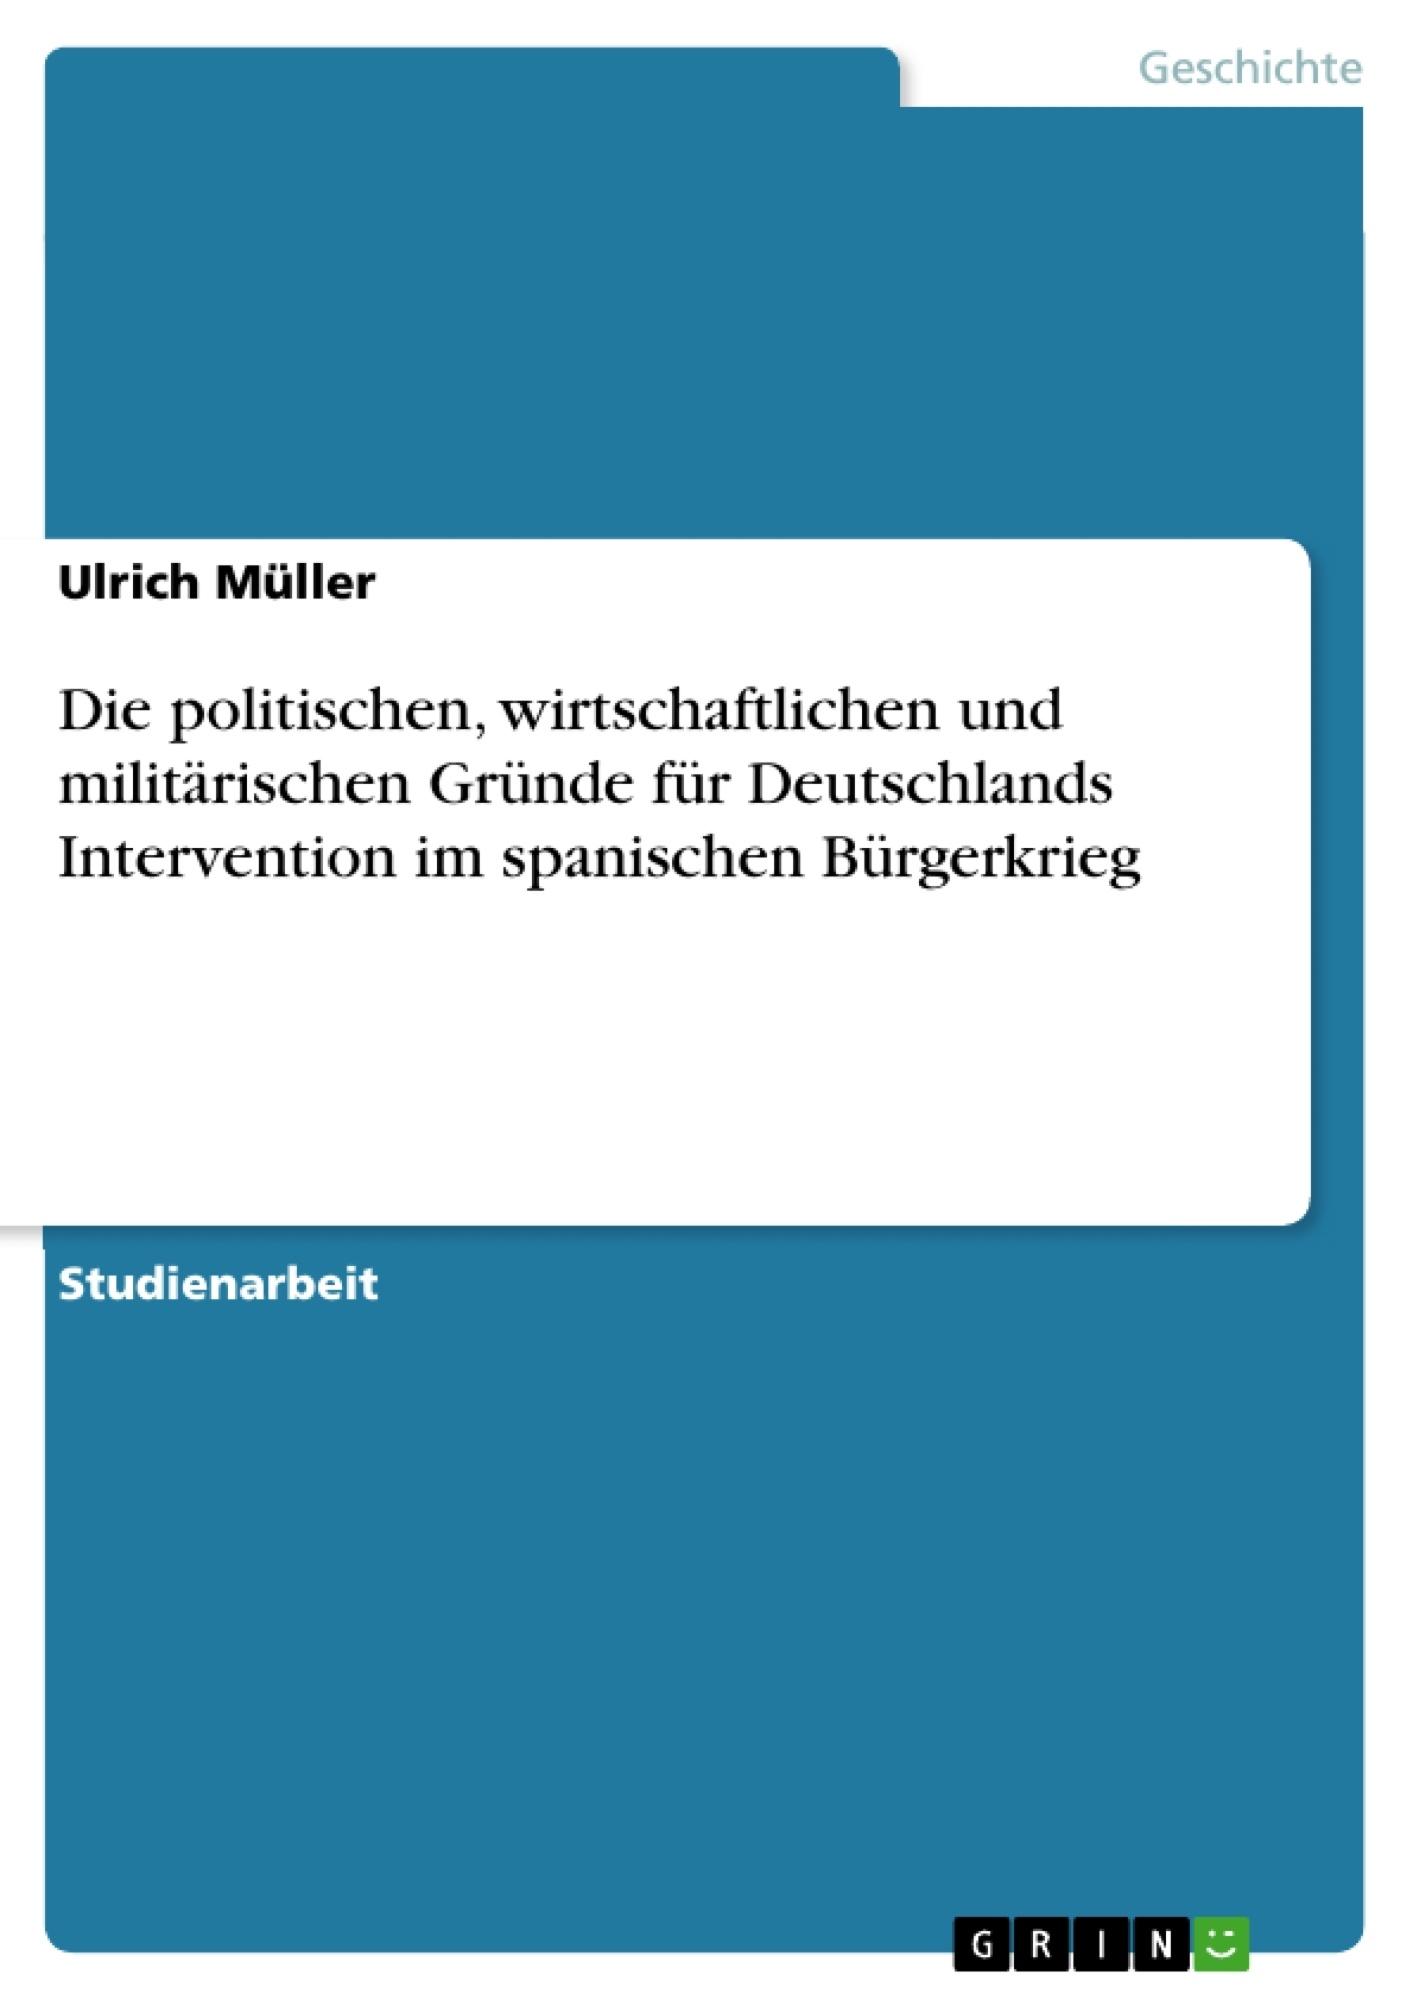 Titel: Die politischen, wirtschaftlichen und militärischen Gründe für Deutschlands Intervention im spanischen Bürgerkrieg